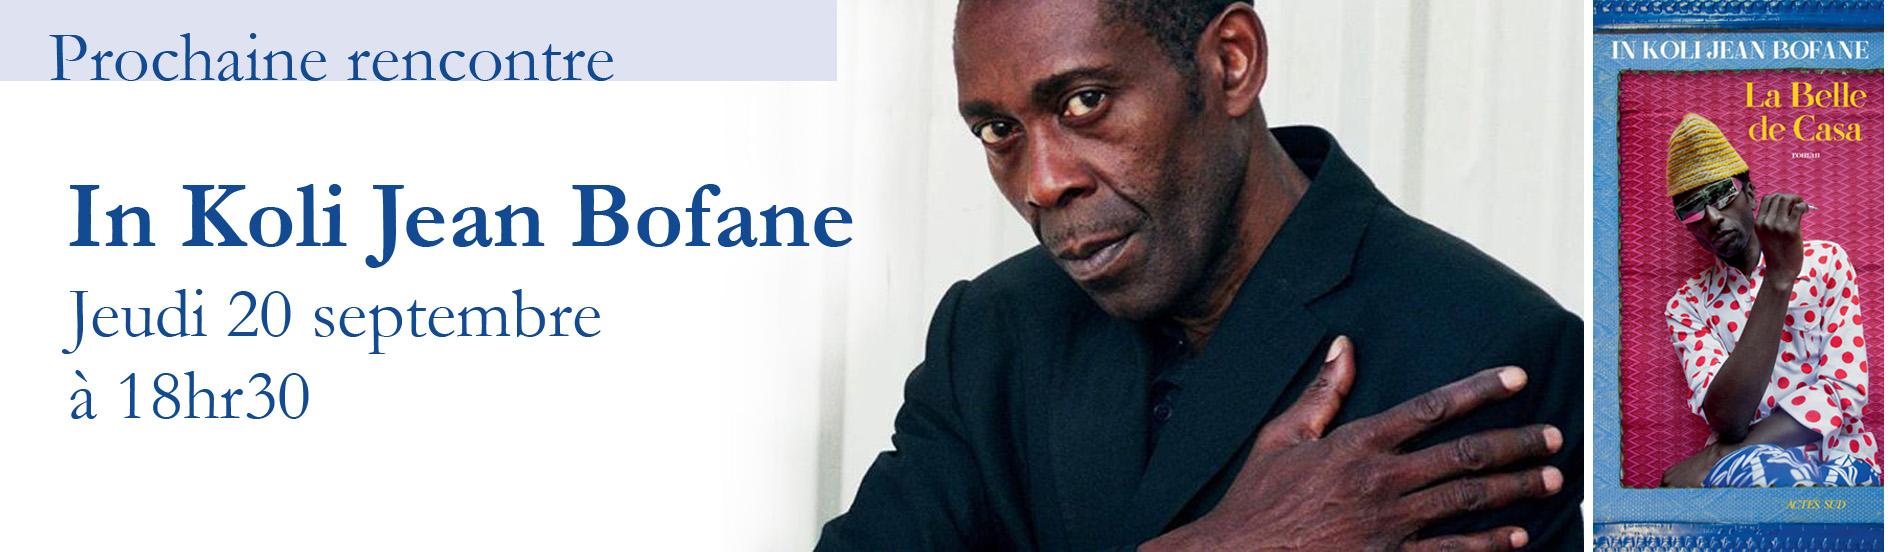 Rencontre avec In Koli Jean Bofane